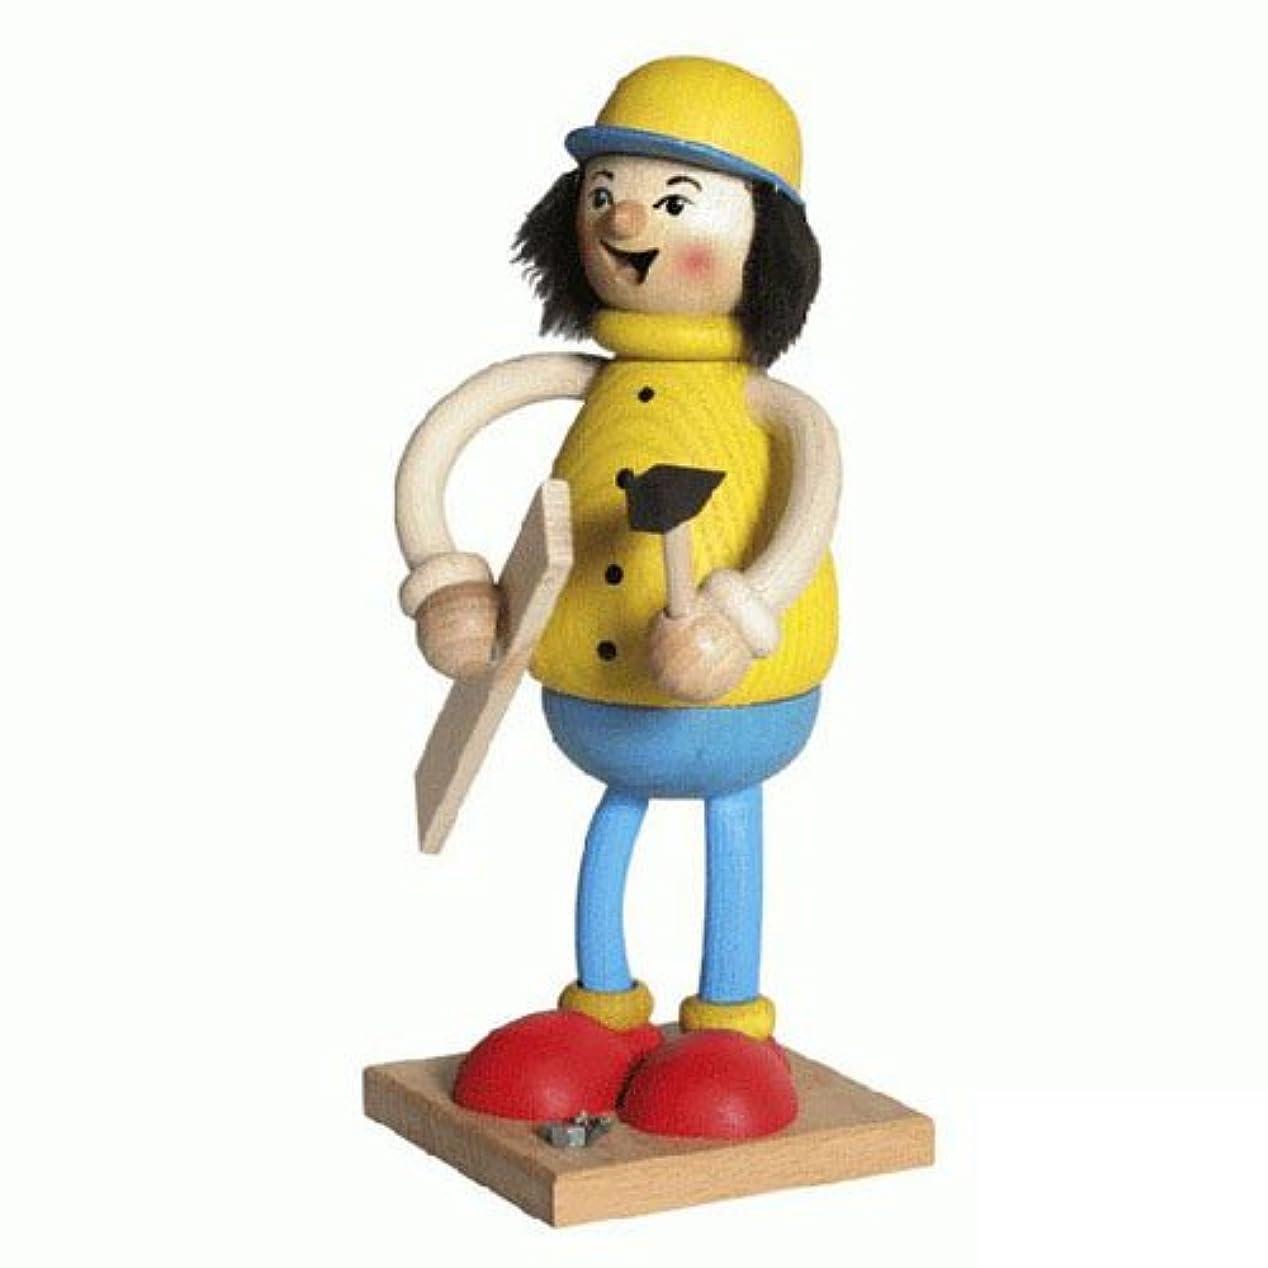 防腐剤流暢求める39096 Kuhnert(クーネルト) ミニパイプ人形香炉 DIY